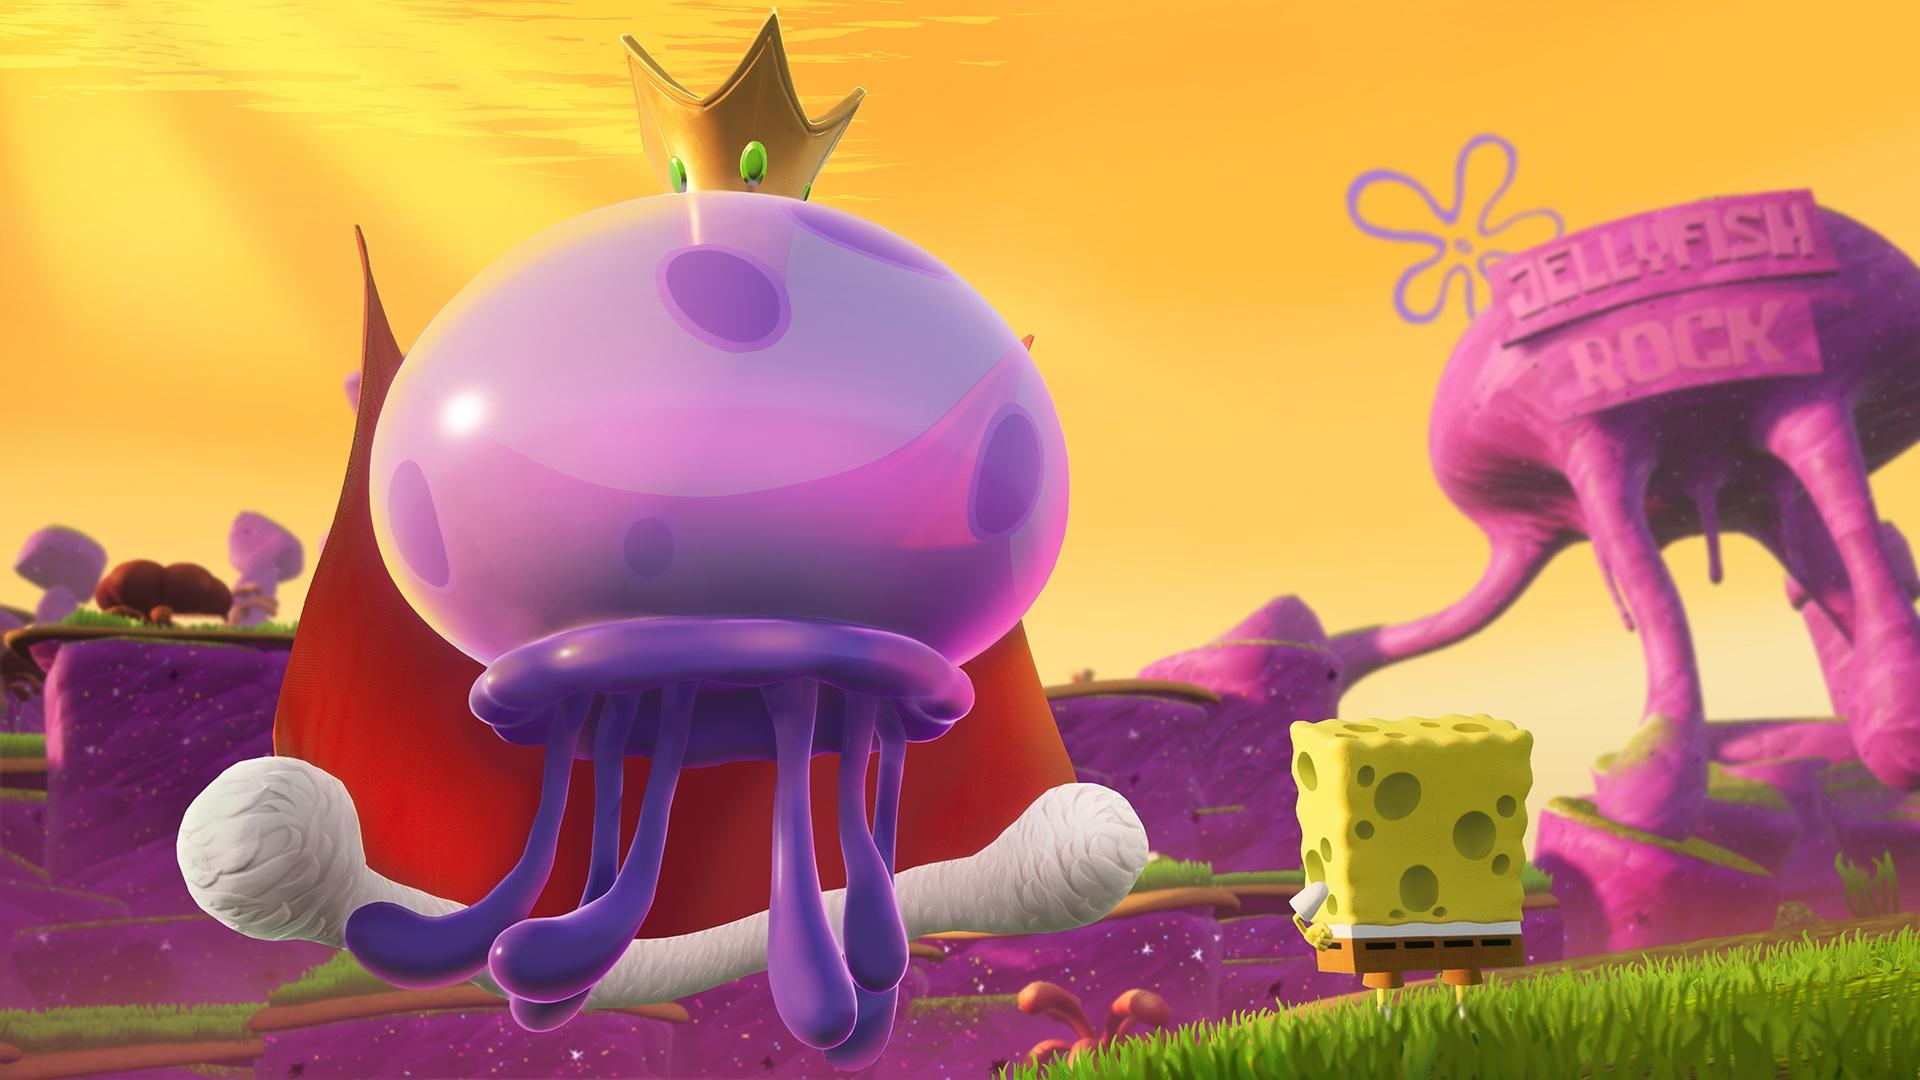 Новый трейлер ремейка SpongeBob SquarePants: Battle for Bikini Bottom посвятили локализациям